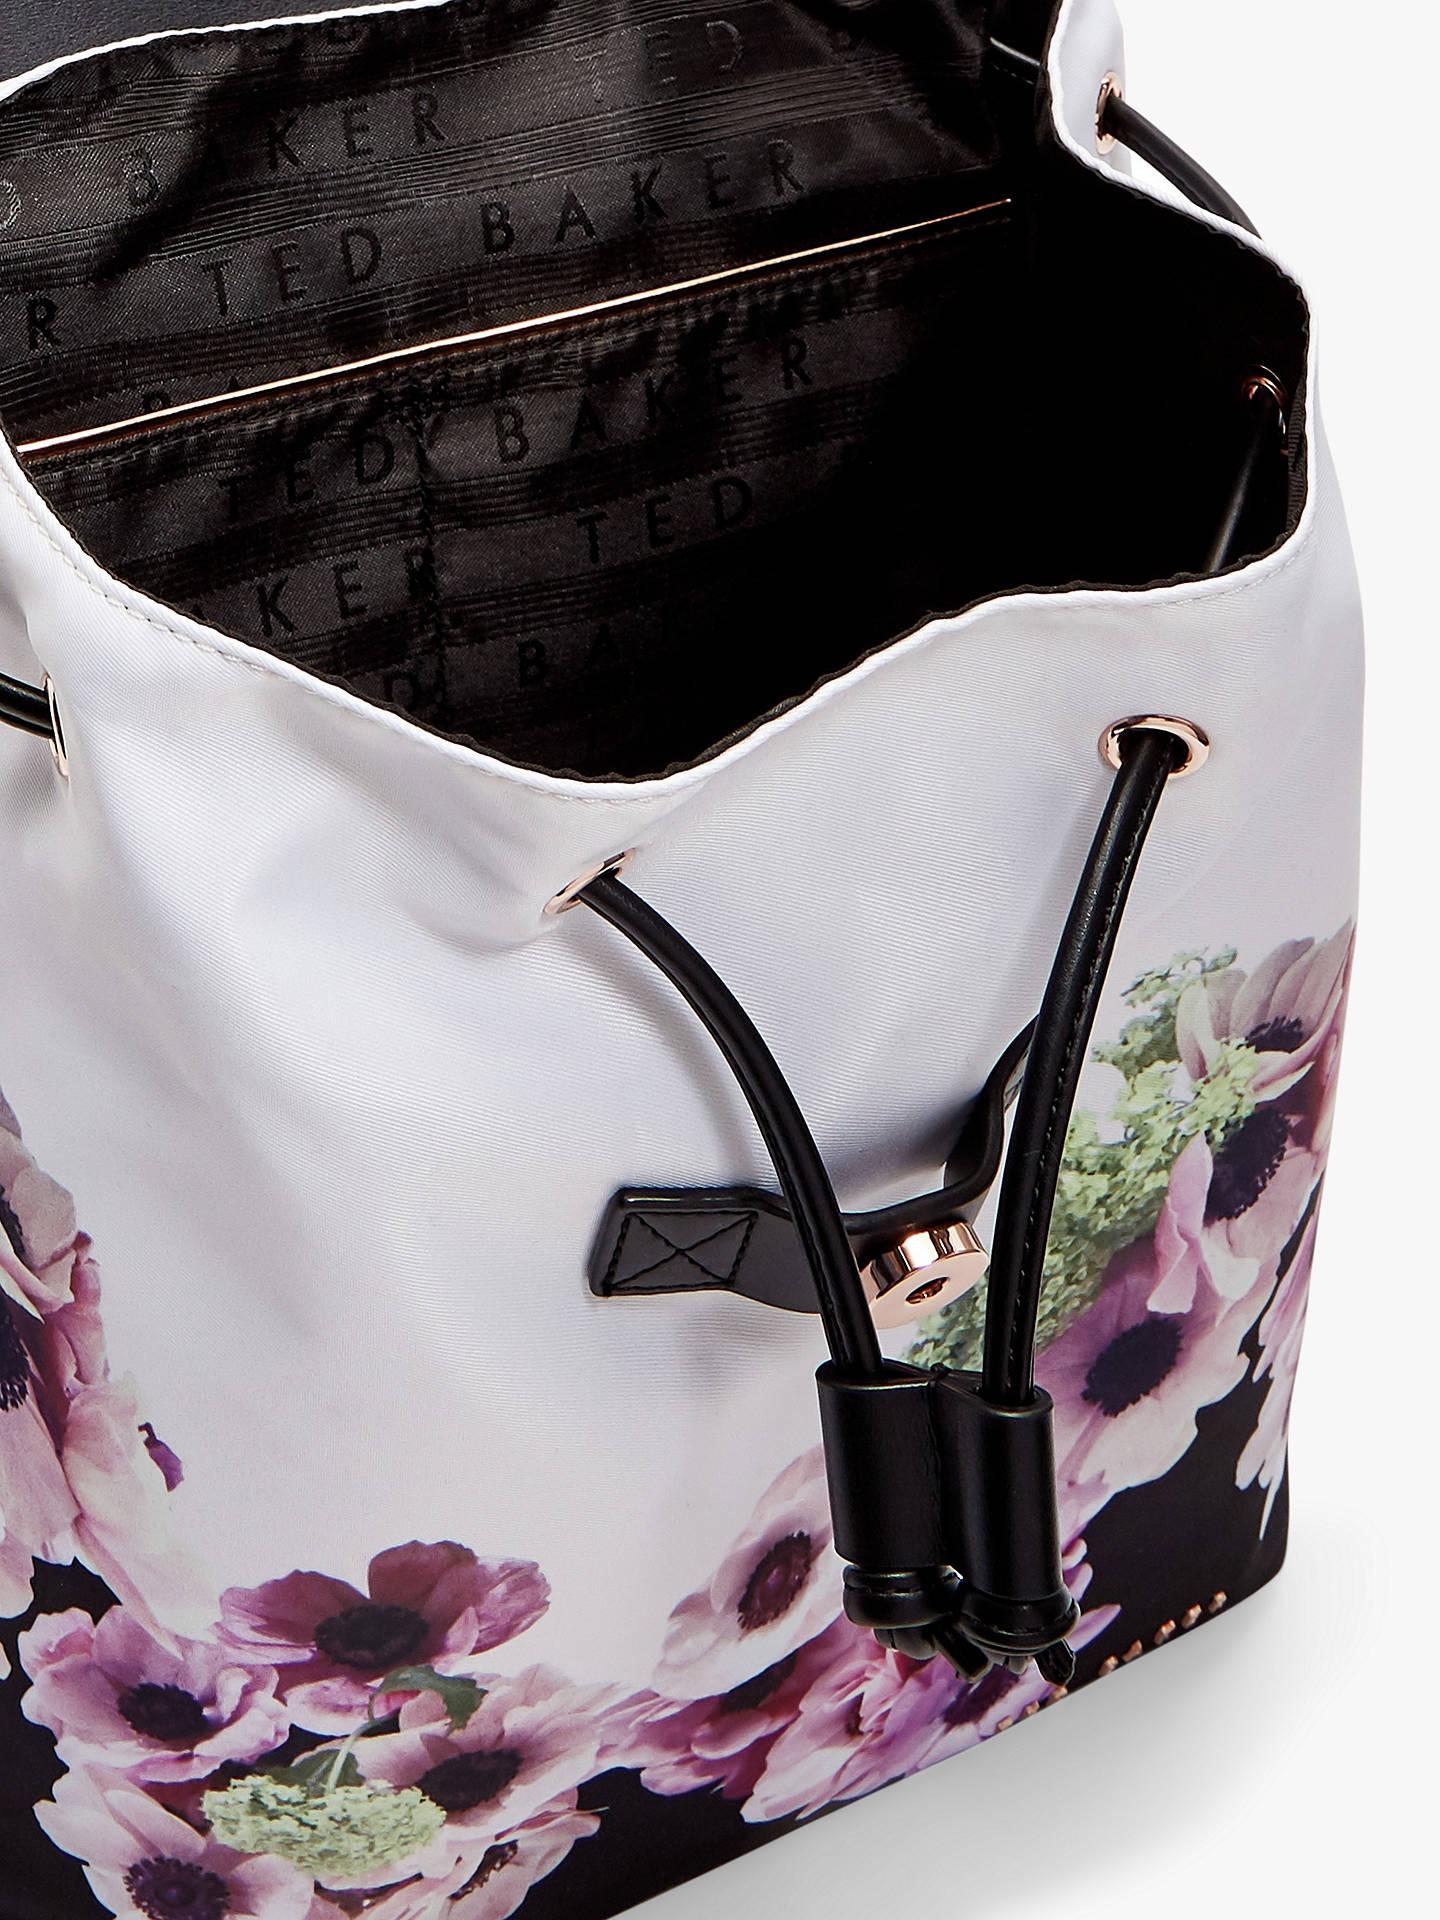 Ted Baker Neapolitan Drawstring Backpack